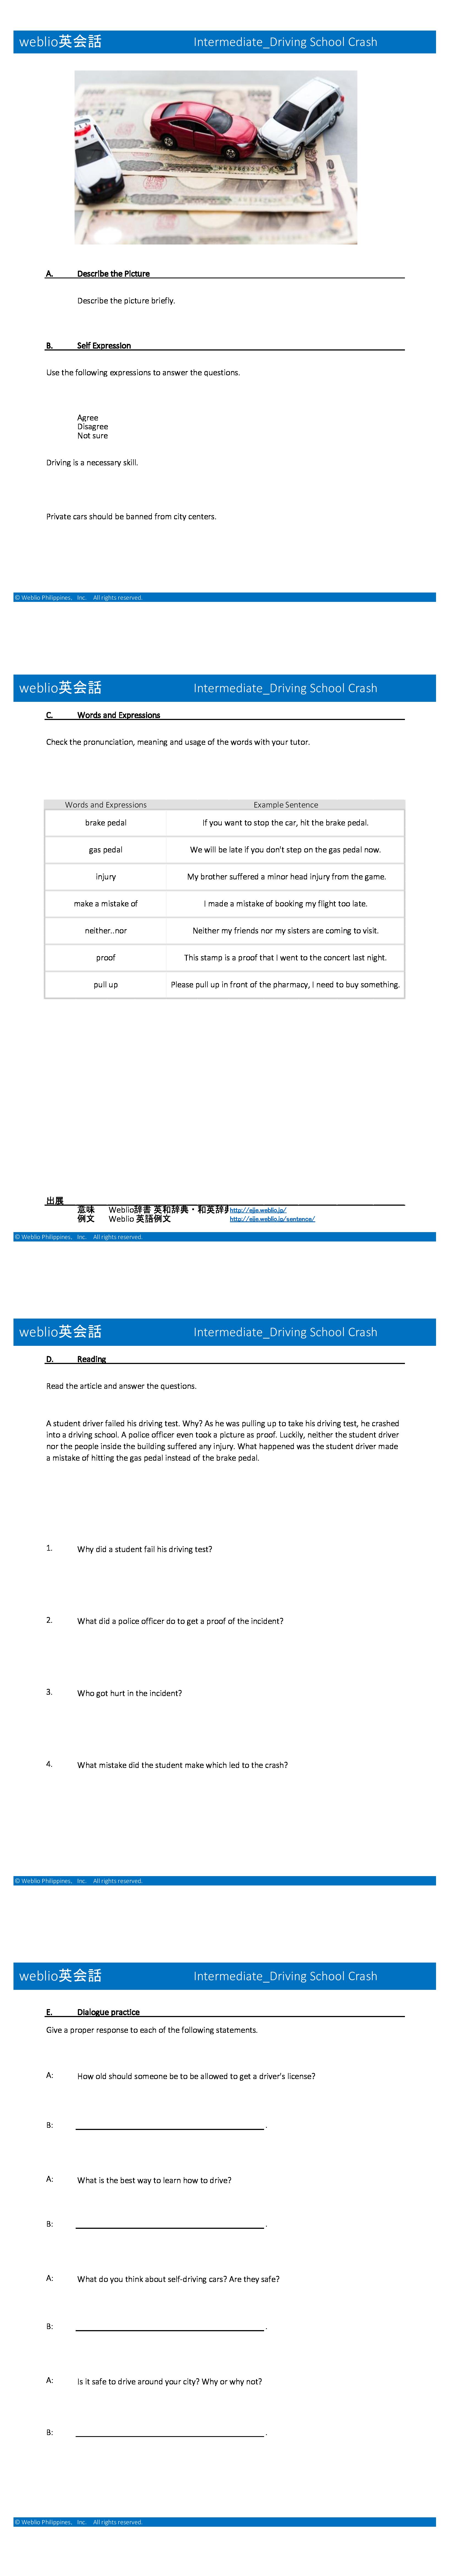 per-level-intermediate-driving-school-crash-en